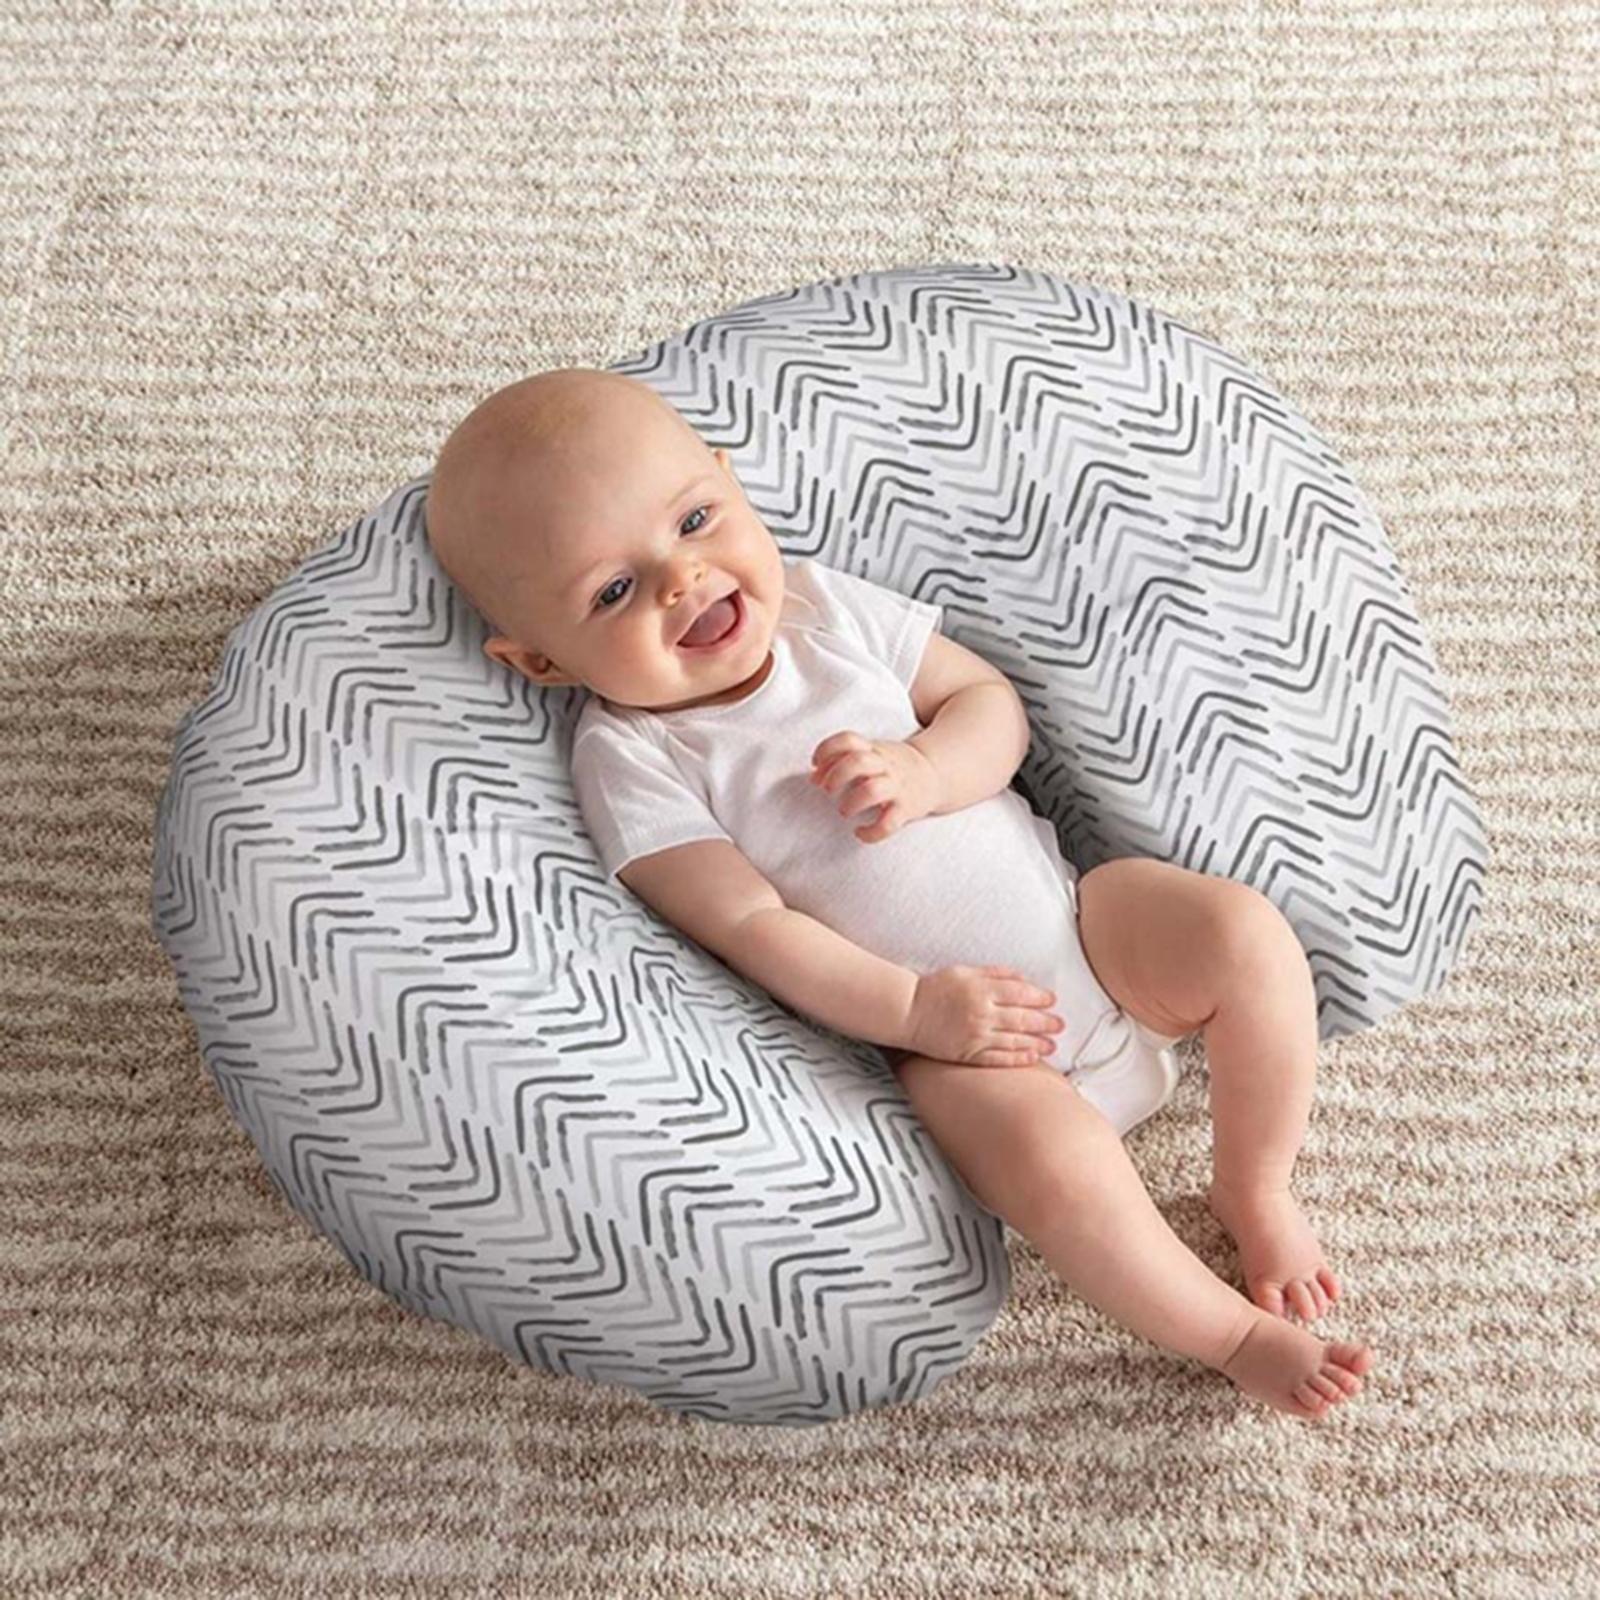 miniatura 6 - Cuscino per l'allattamento Cuscini per l'allattamento per la maternità del